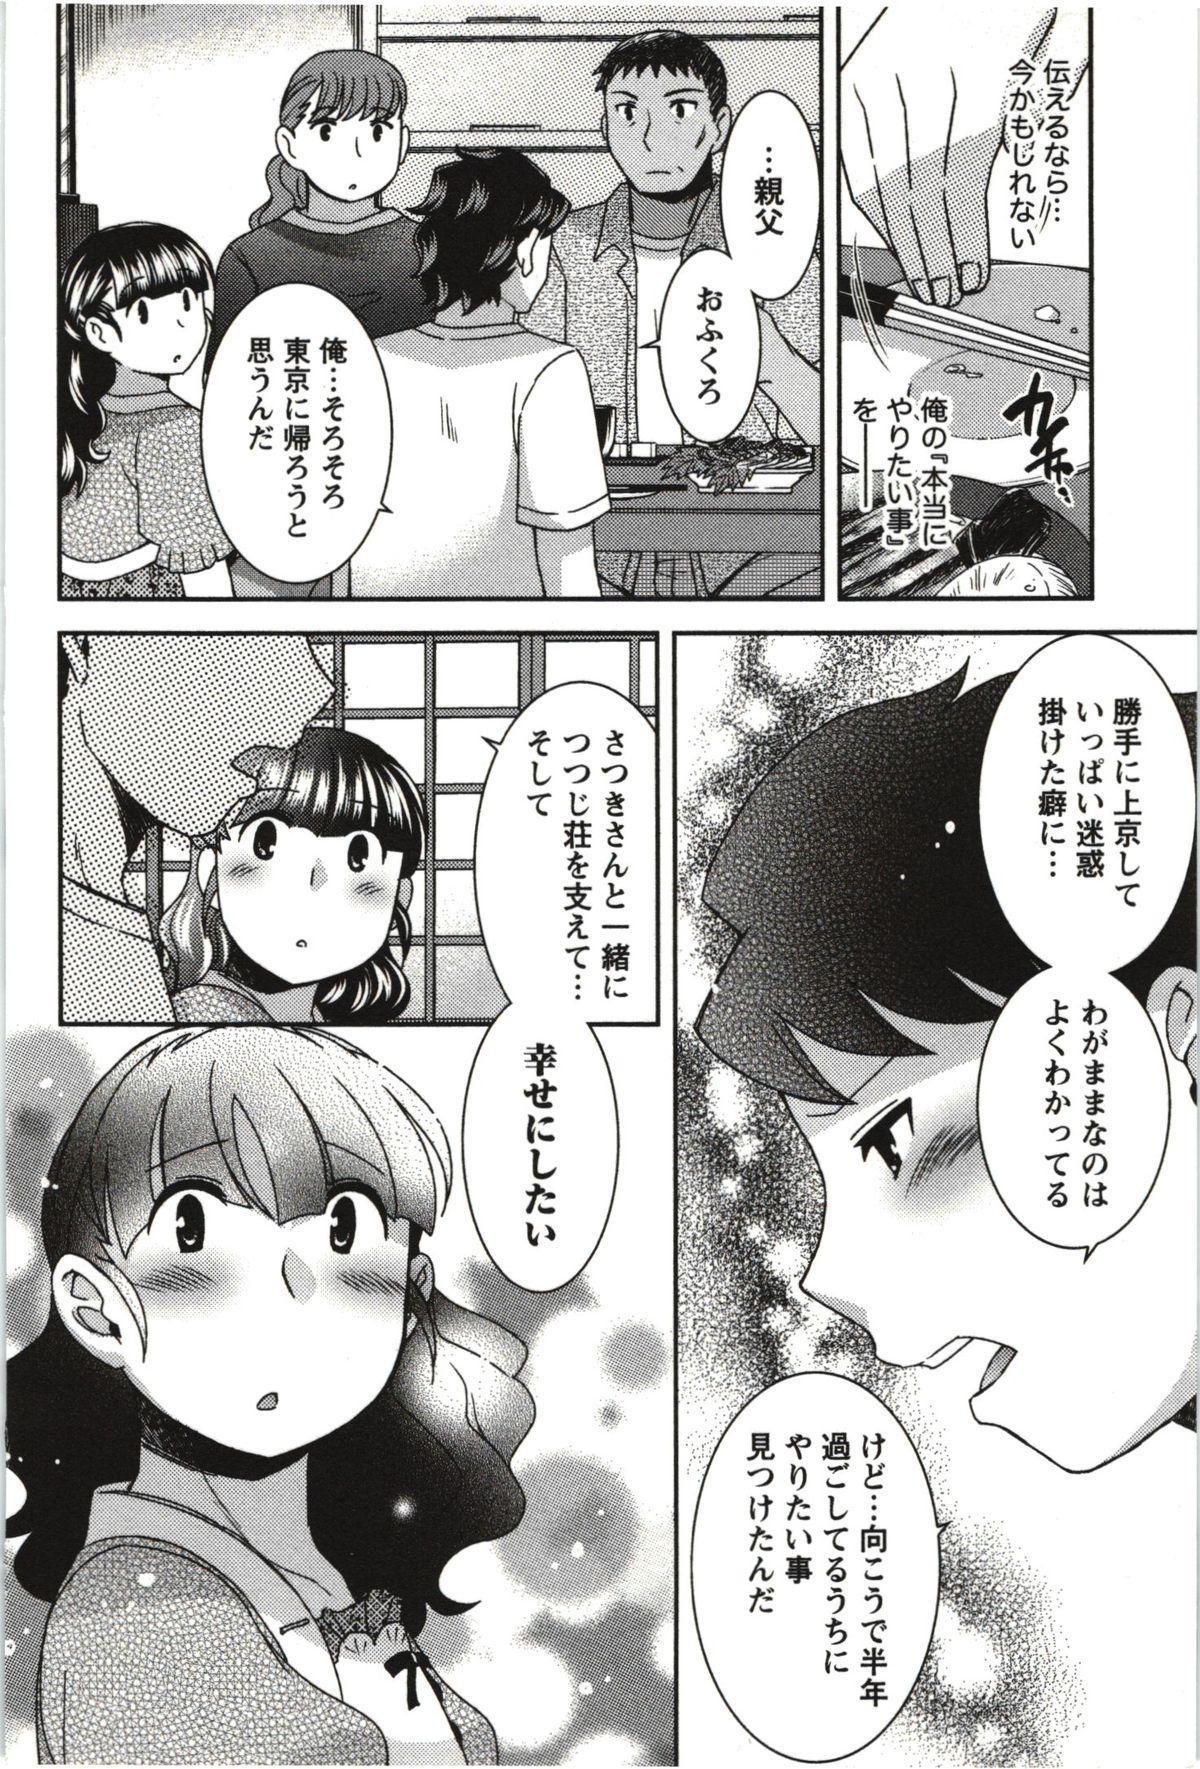 Tsutsujisou no ■■ na Hitobito 178